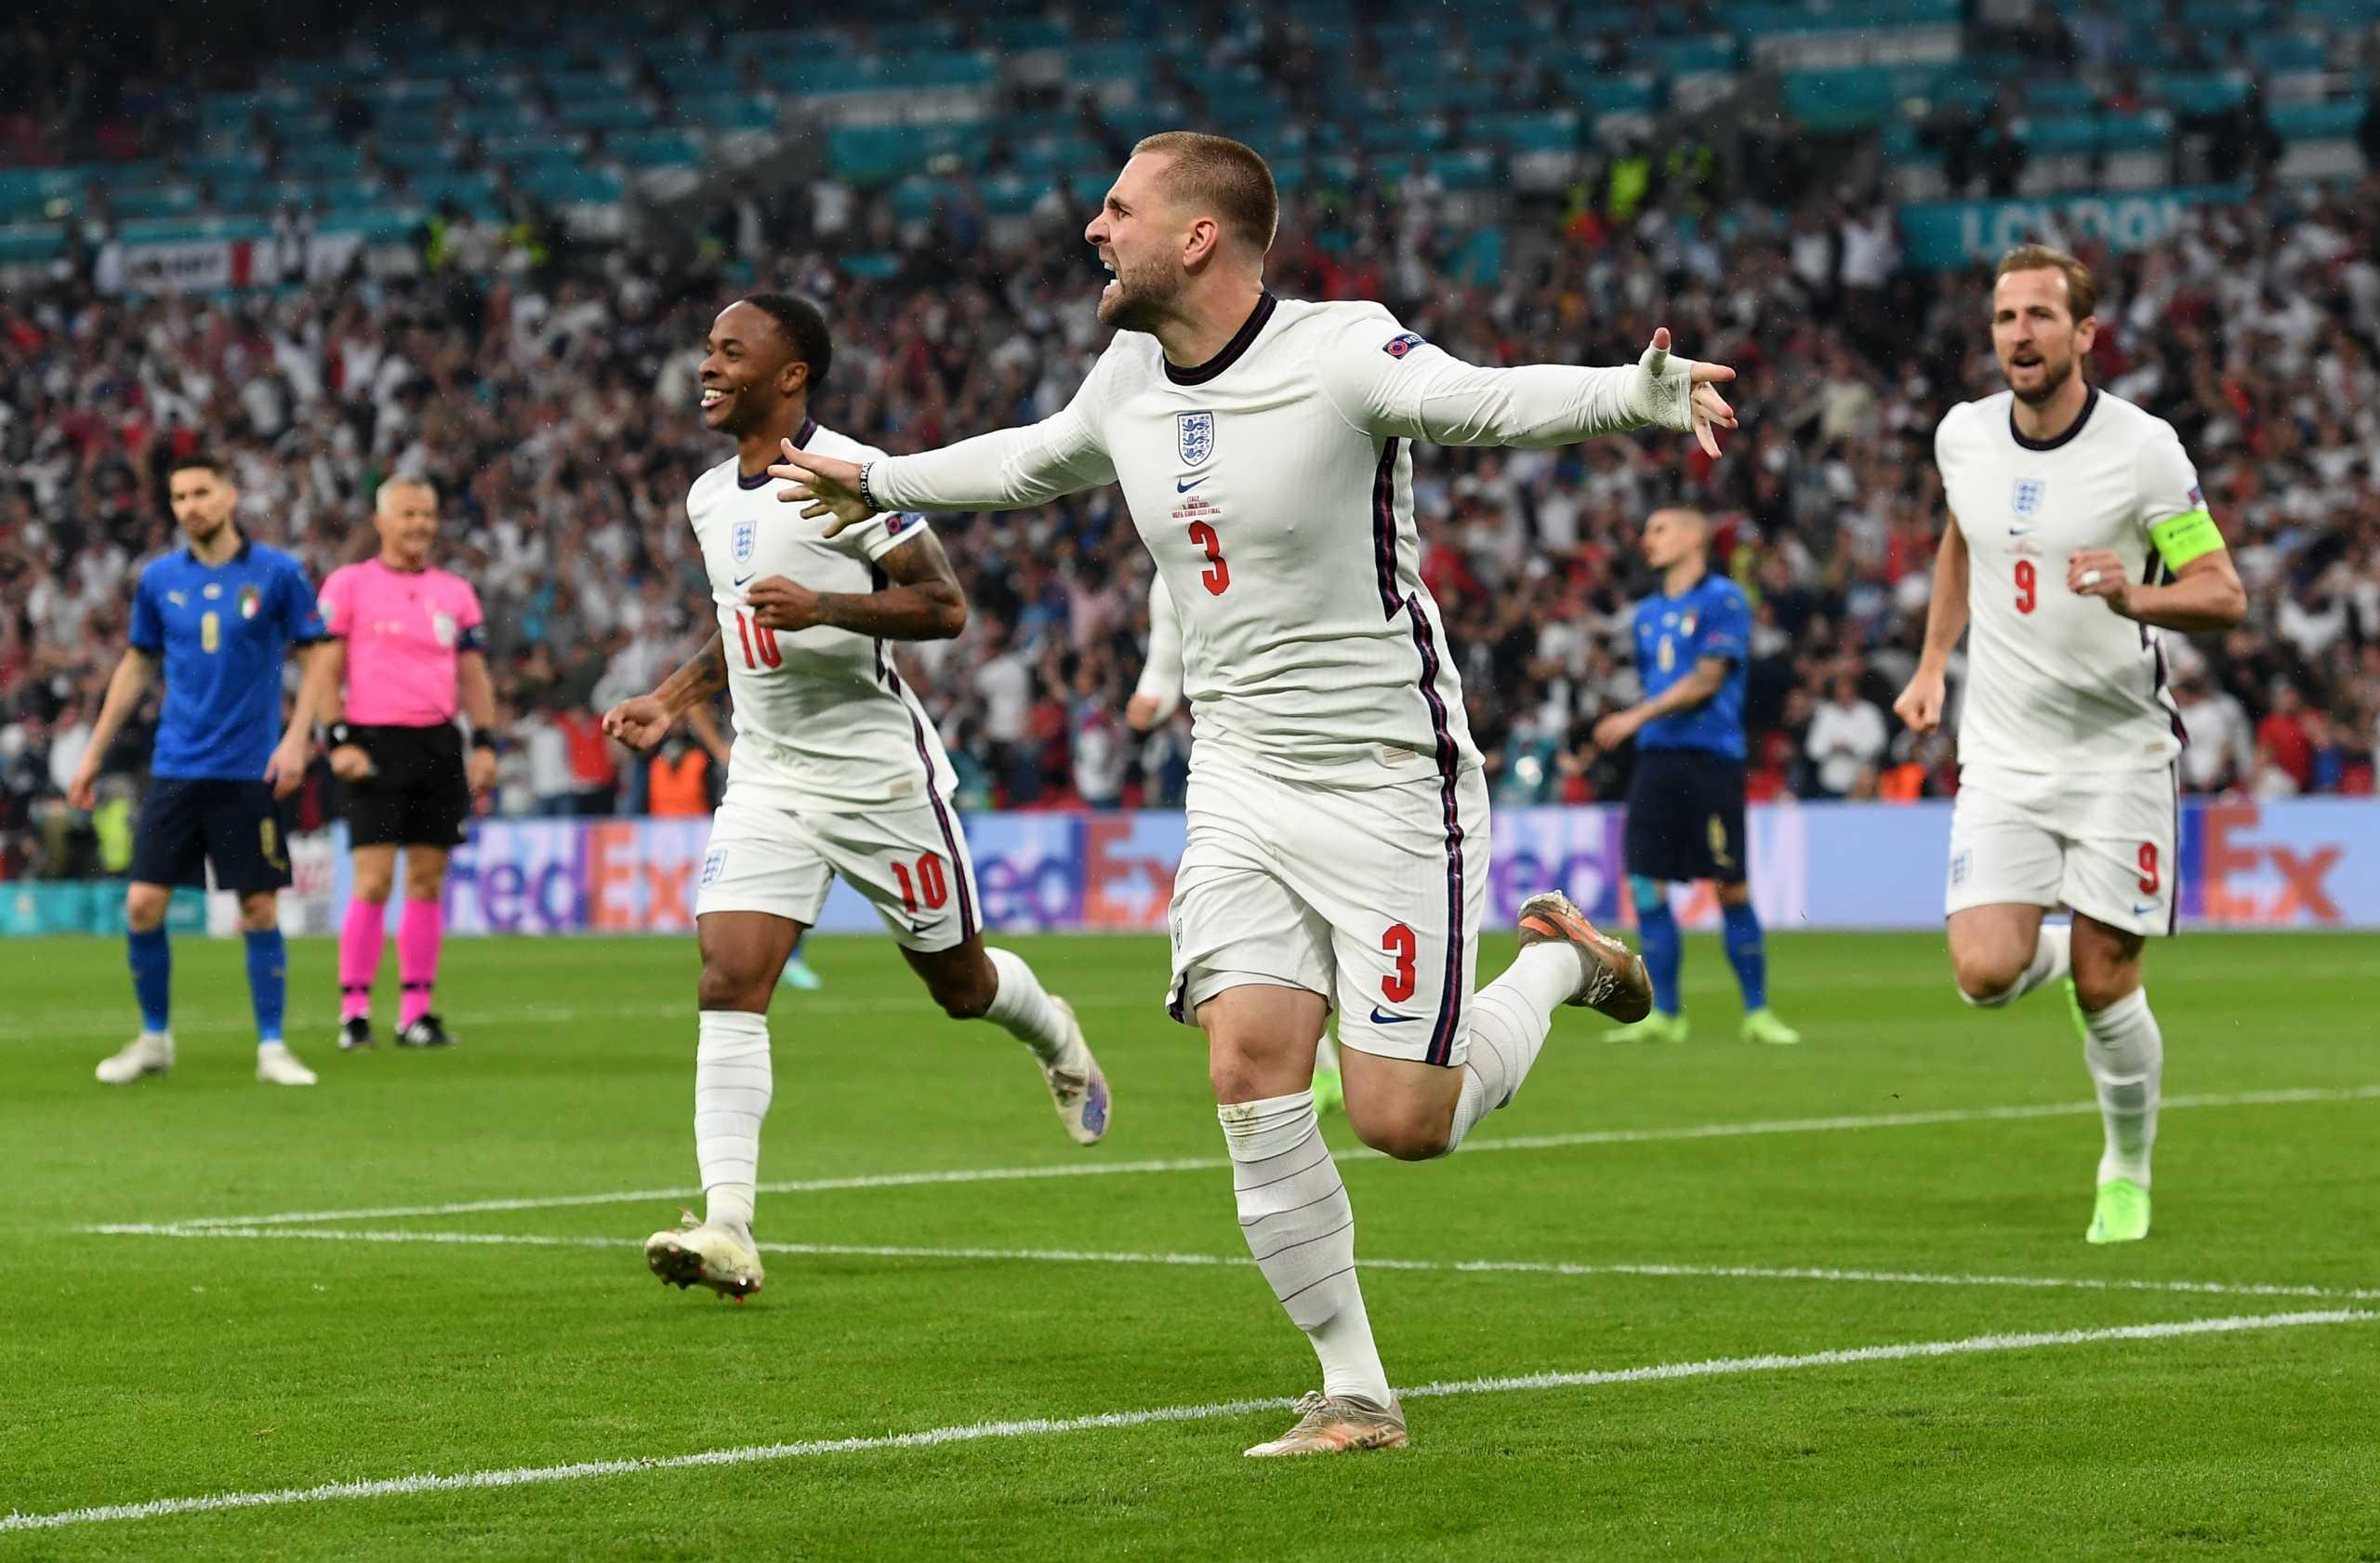 Euro 2020, Ιταλία – Αγγλία: Το ιστορικό γκολ που «πάγωσε» τους Ιταλούς με τη σέντρα